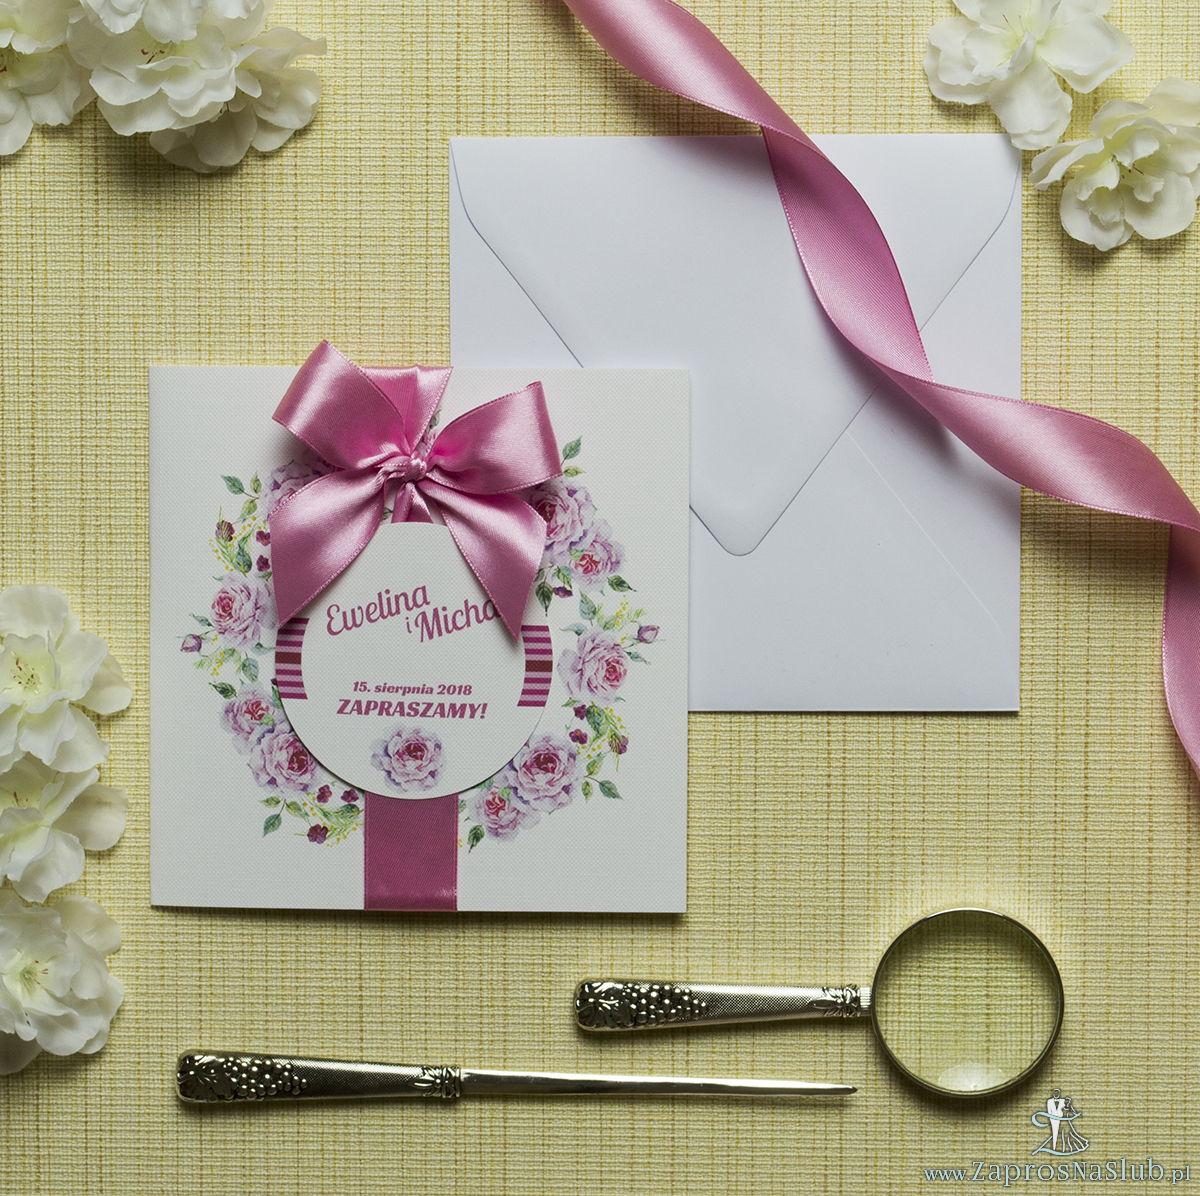 Zaproszenia kwiatowe - letni wianek z kwiatami oraz pąkami jasnoróżowych róż. ZAP-54-18